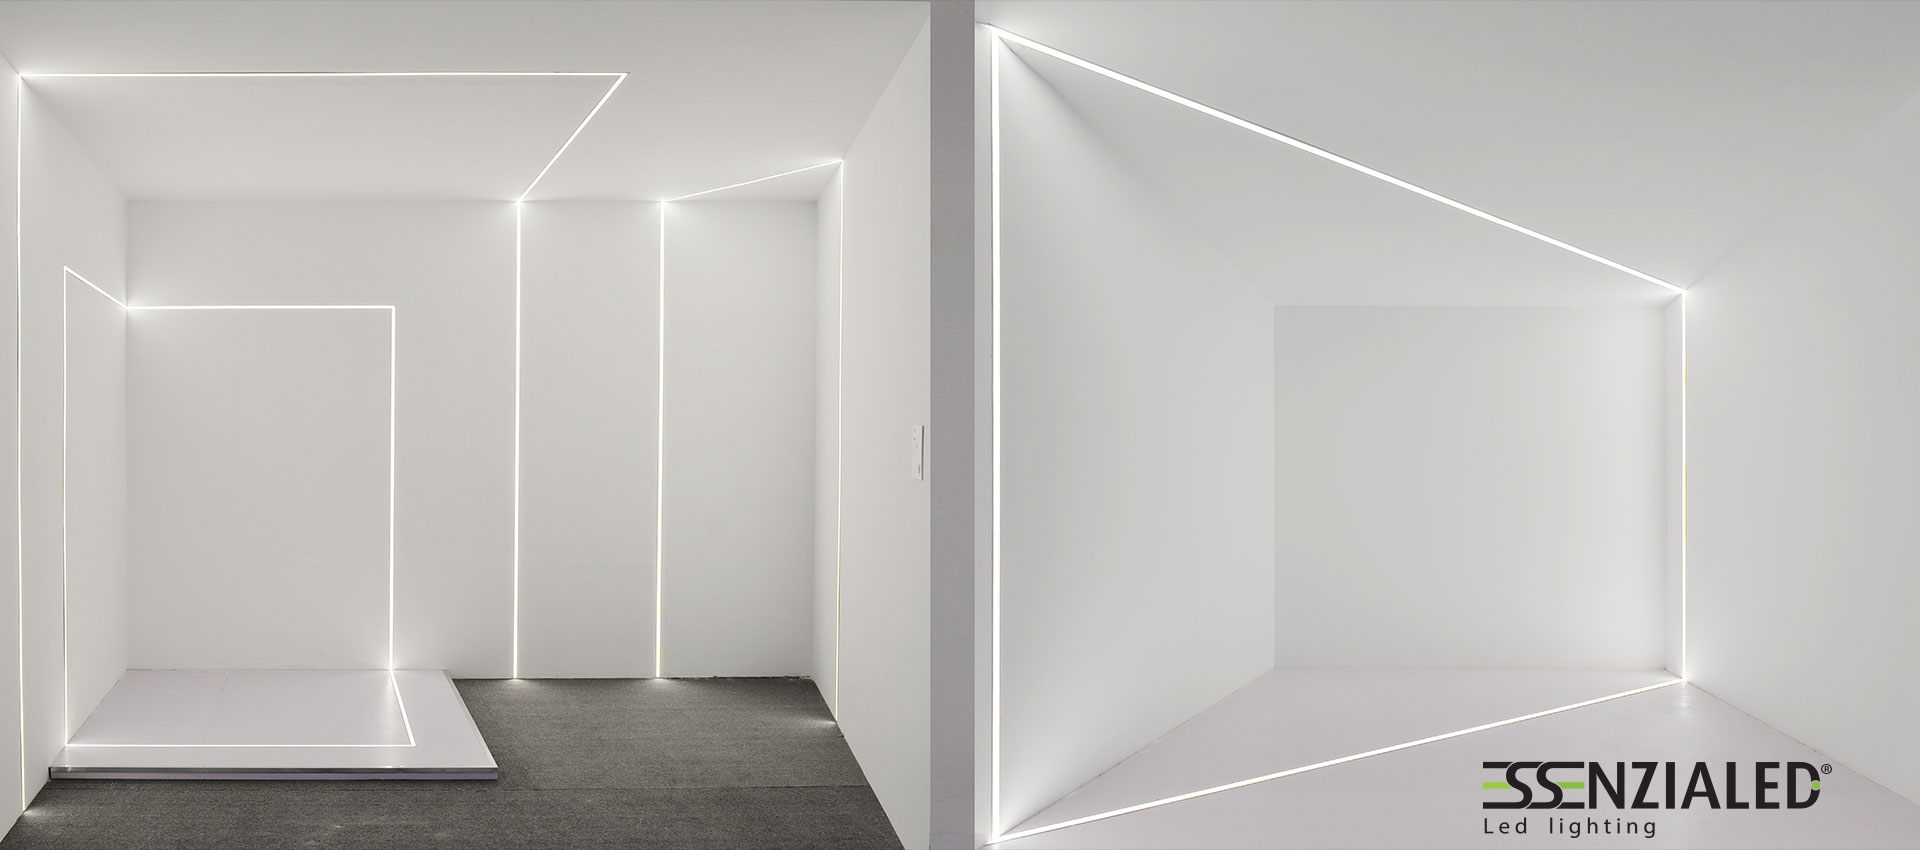 Inside tagli di luce cartongesso a led su misuraessenzialed illuminazione a led - Barre a led per interni ...